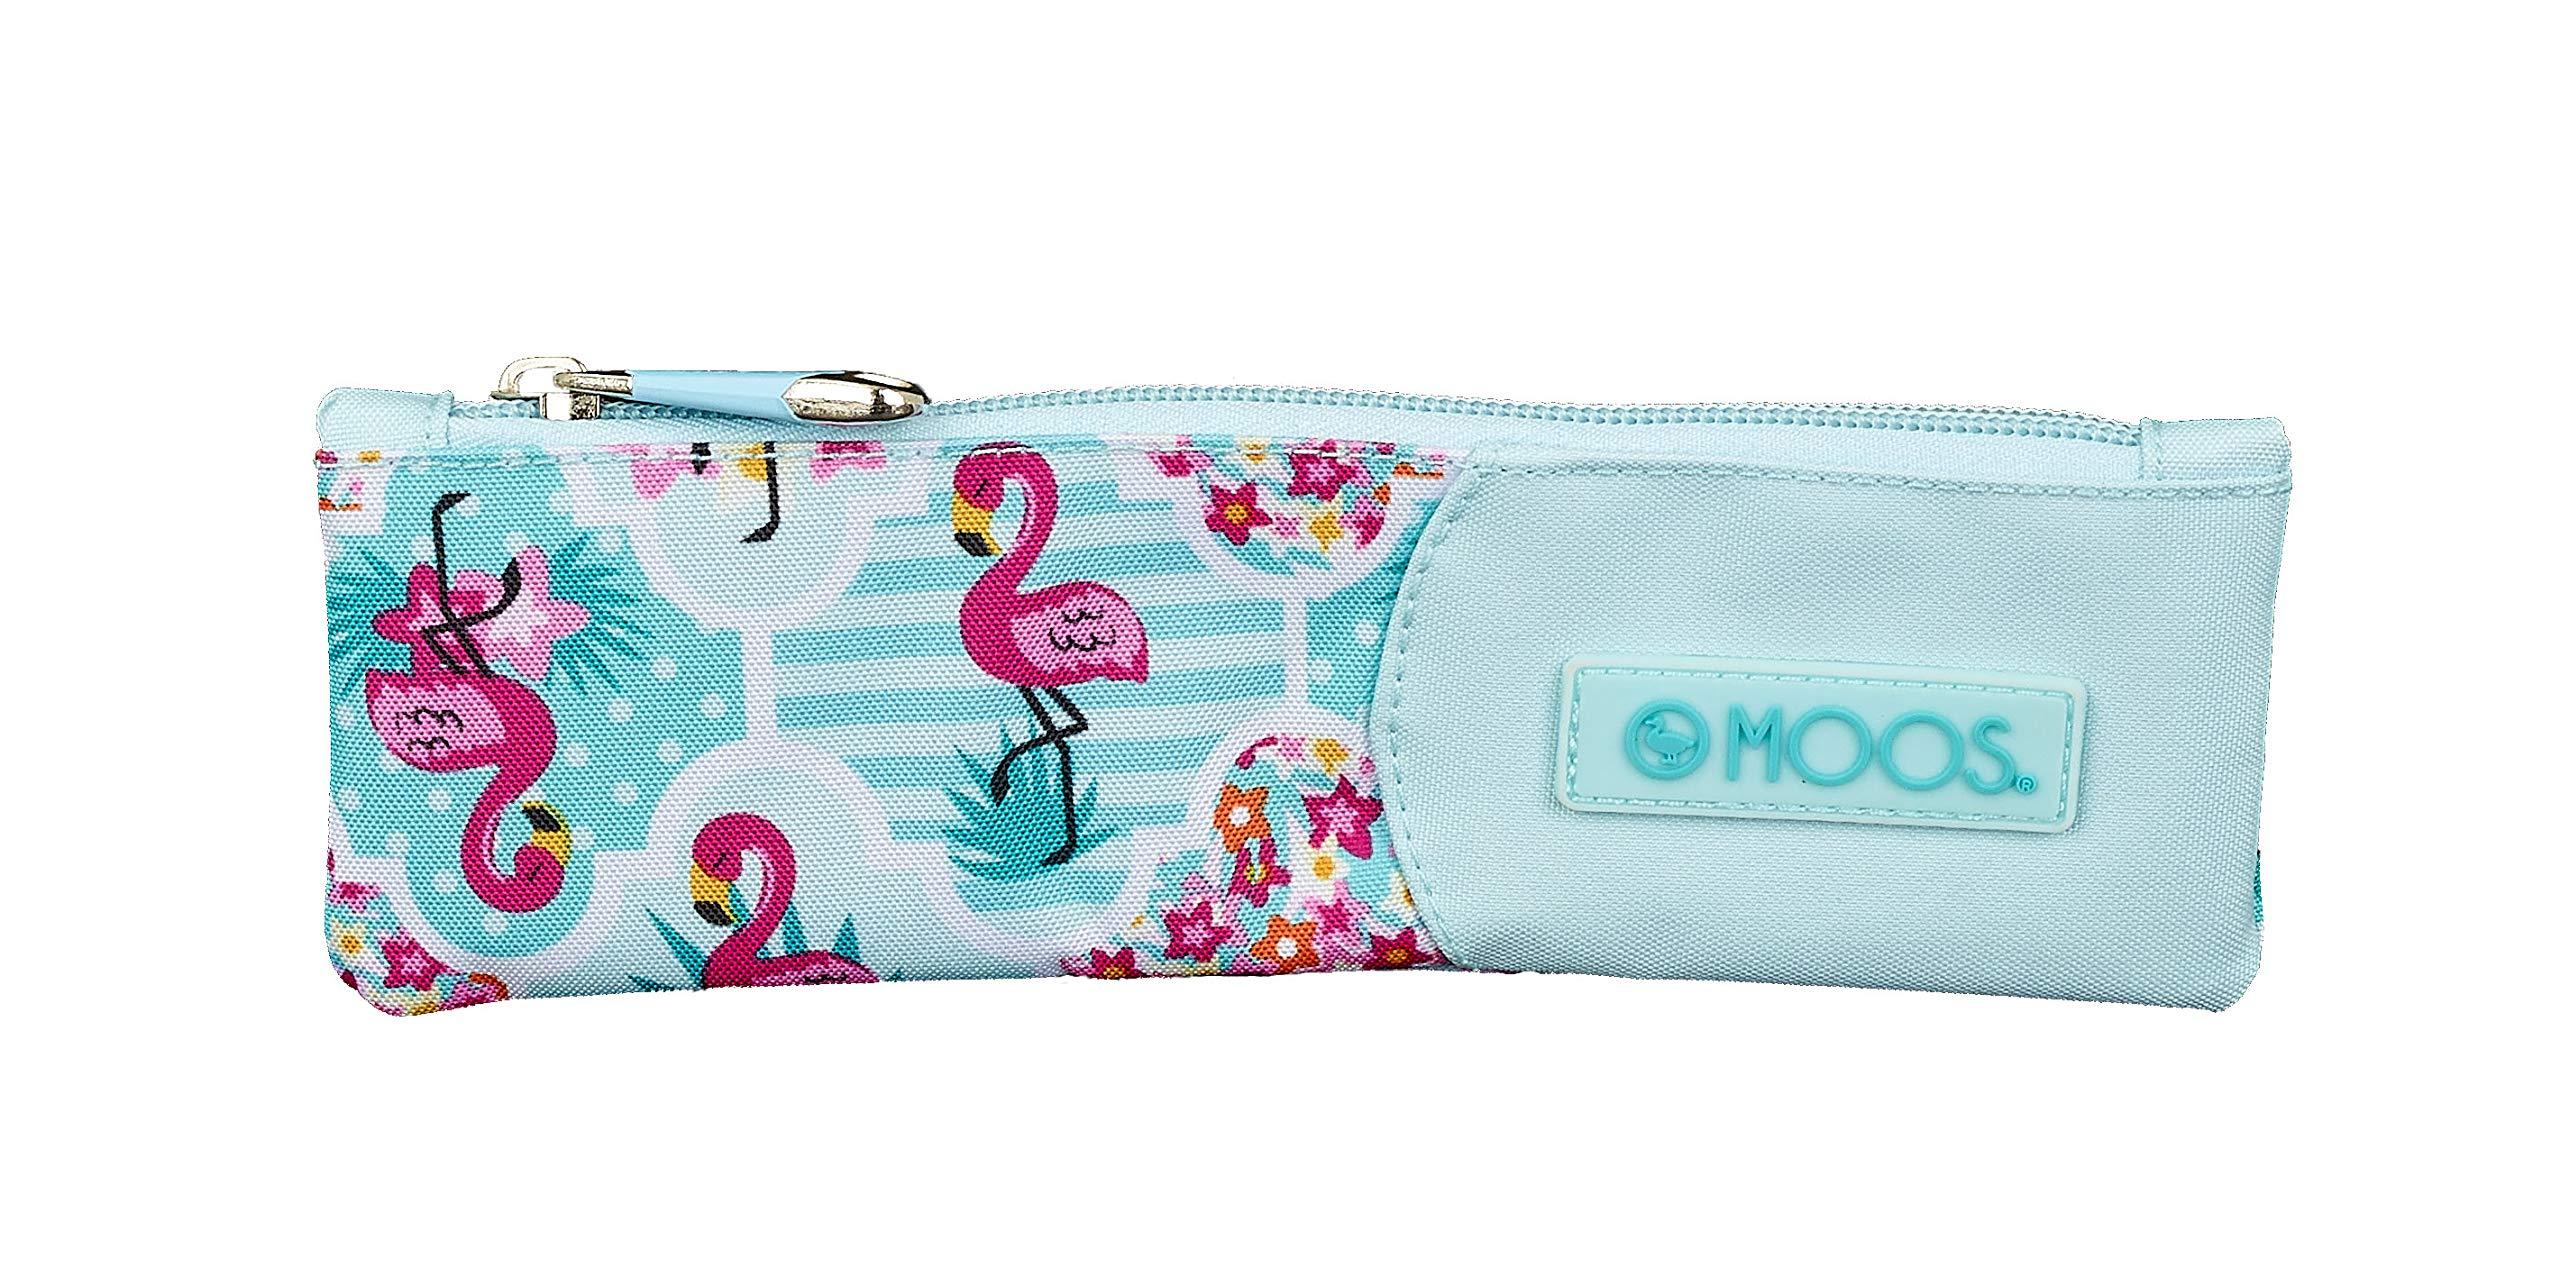 Moos Flamingo Turquoise Oficial Estuche Escolar 200x60mm